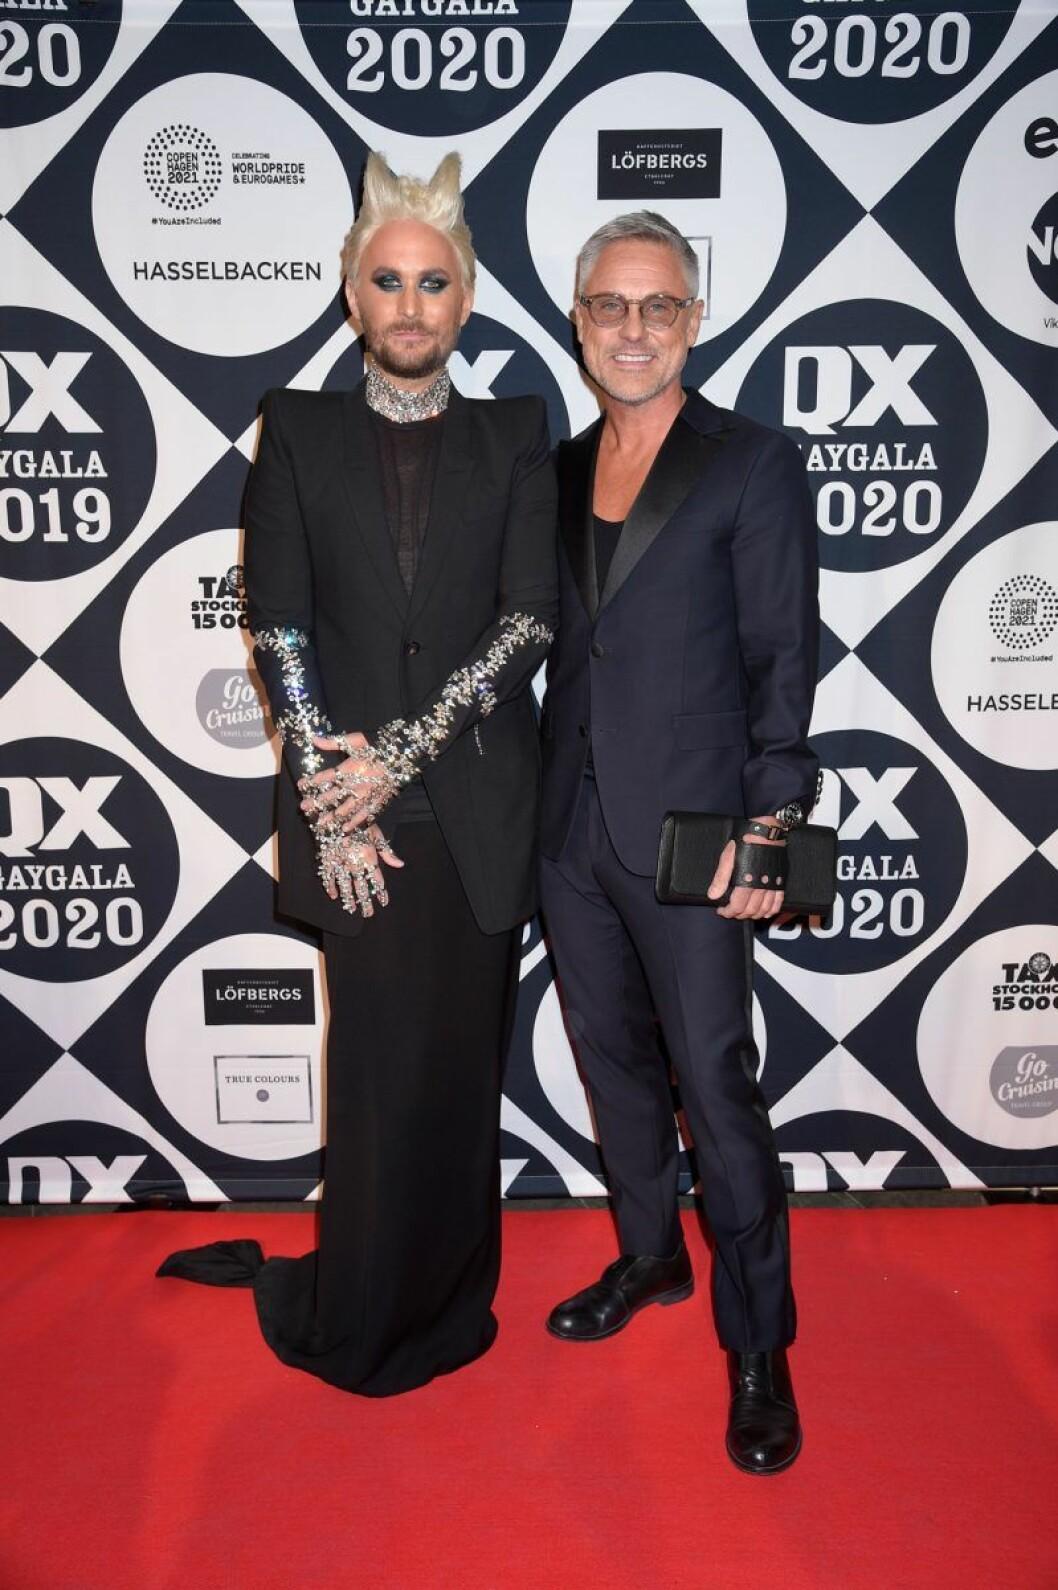 Fredrik Robertsson och Johan Hellstrand på röda mattan på QX-galan 2020